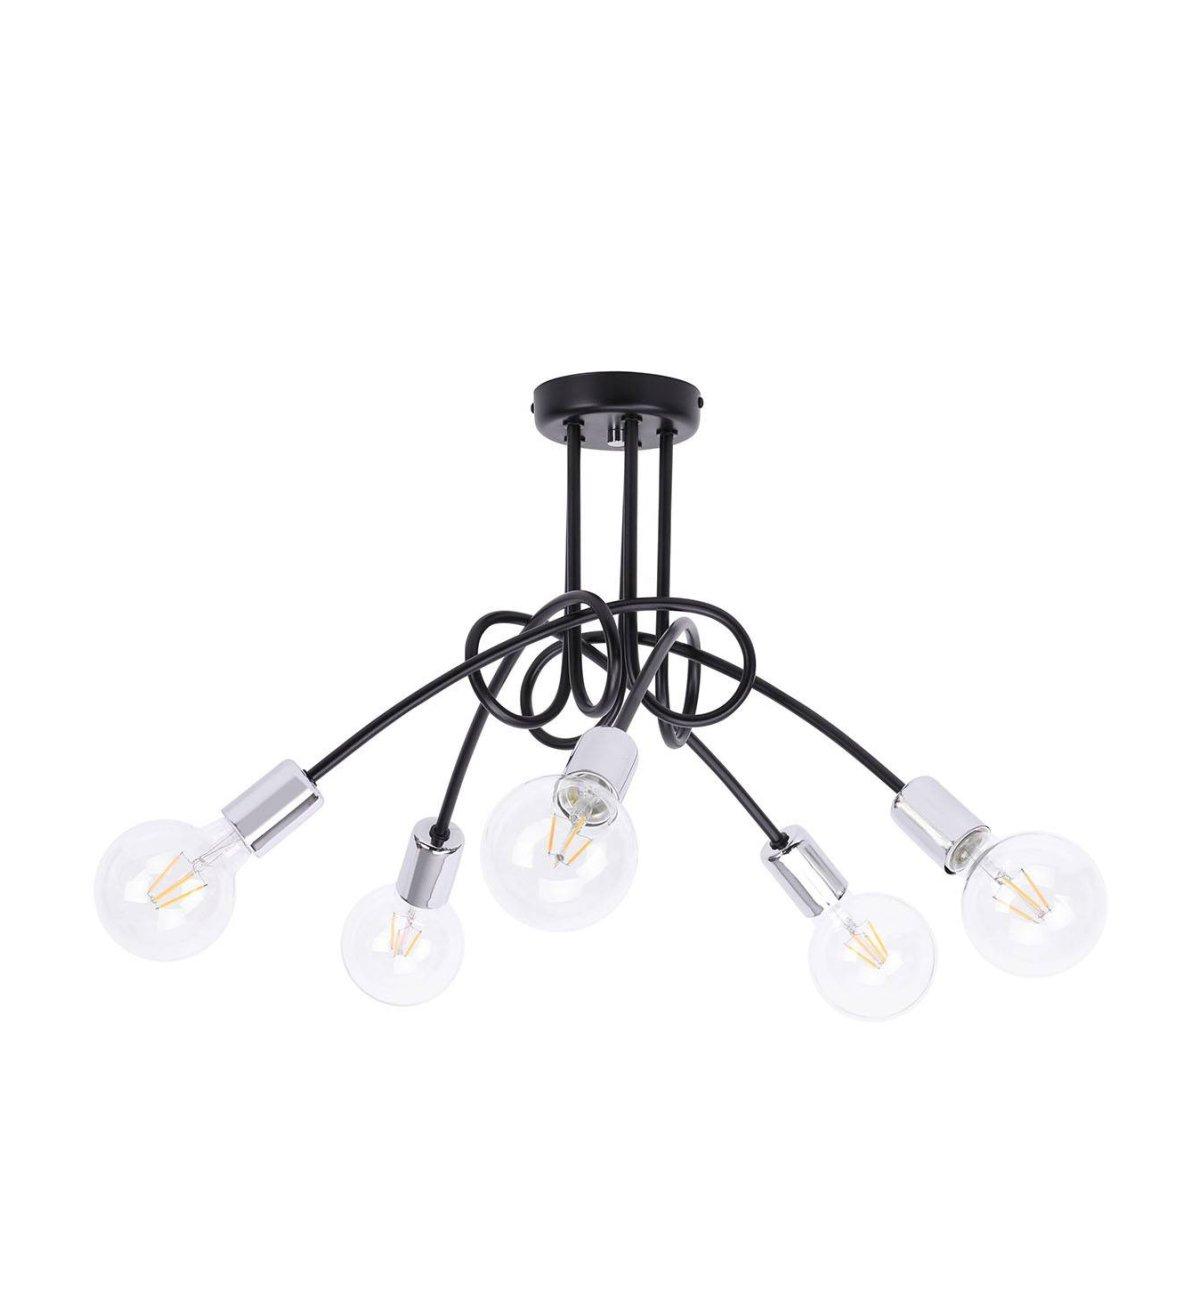 Wybitny Lampa Wisząca Dekoracyjna Industrialna - Sklep internetowy Light Home TX49